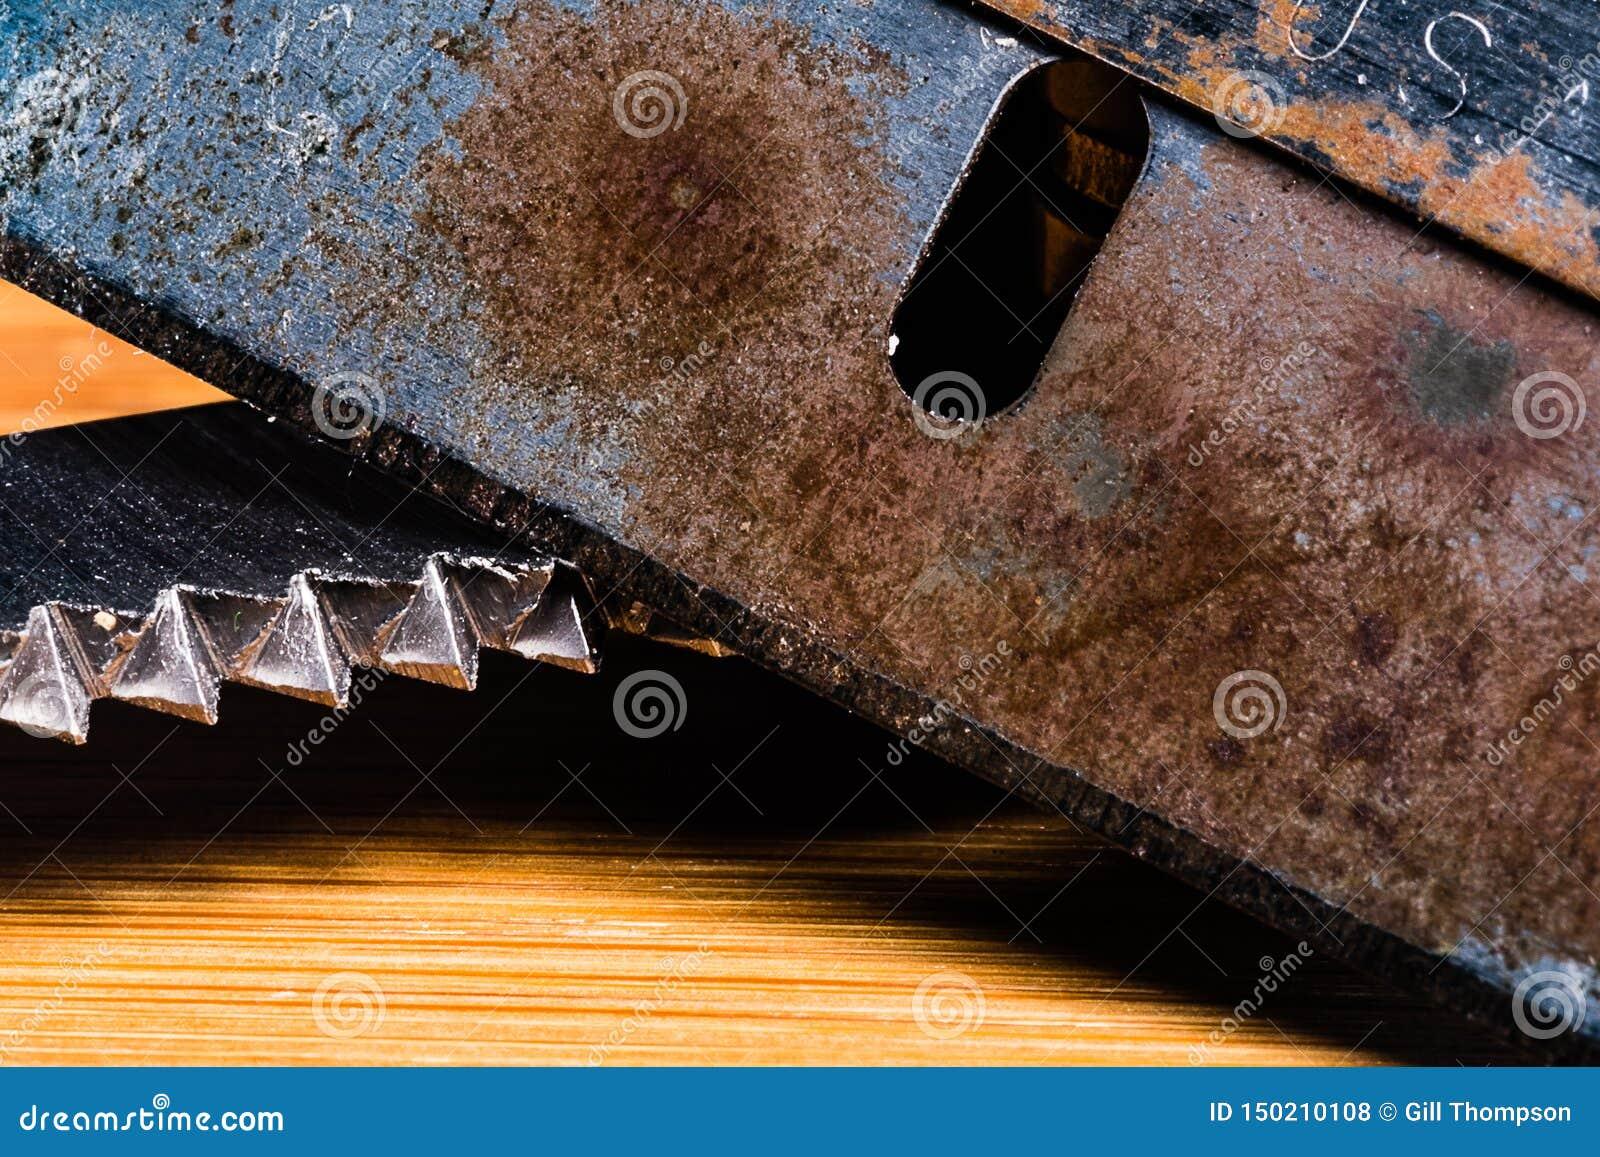 Une macro image d un rasoir très vieux, mat et rouillé avec une lame dentelée également sale et utilisée